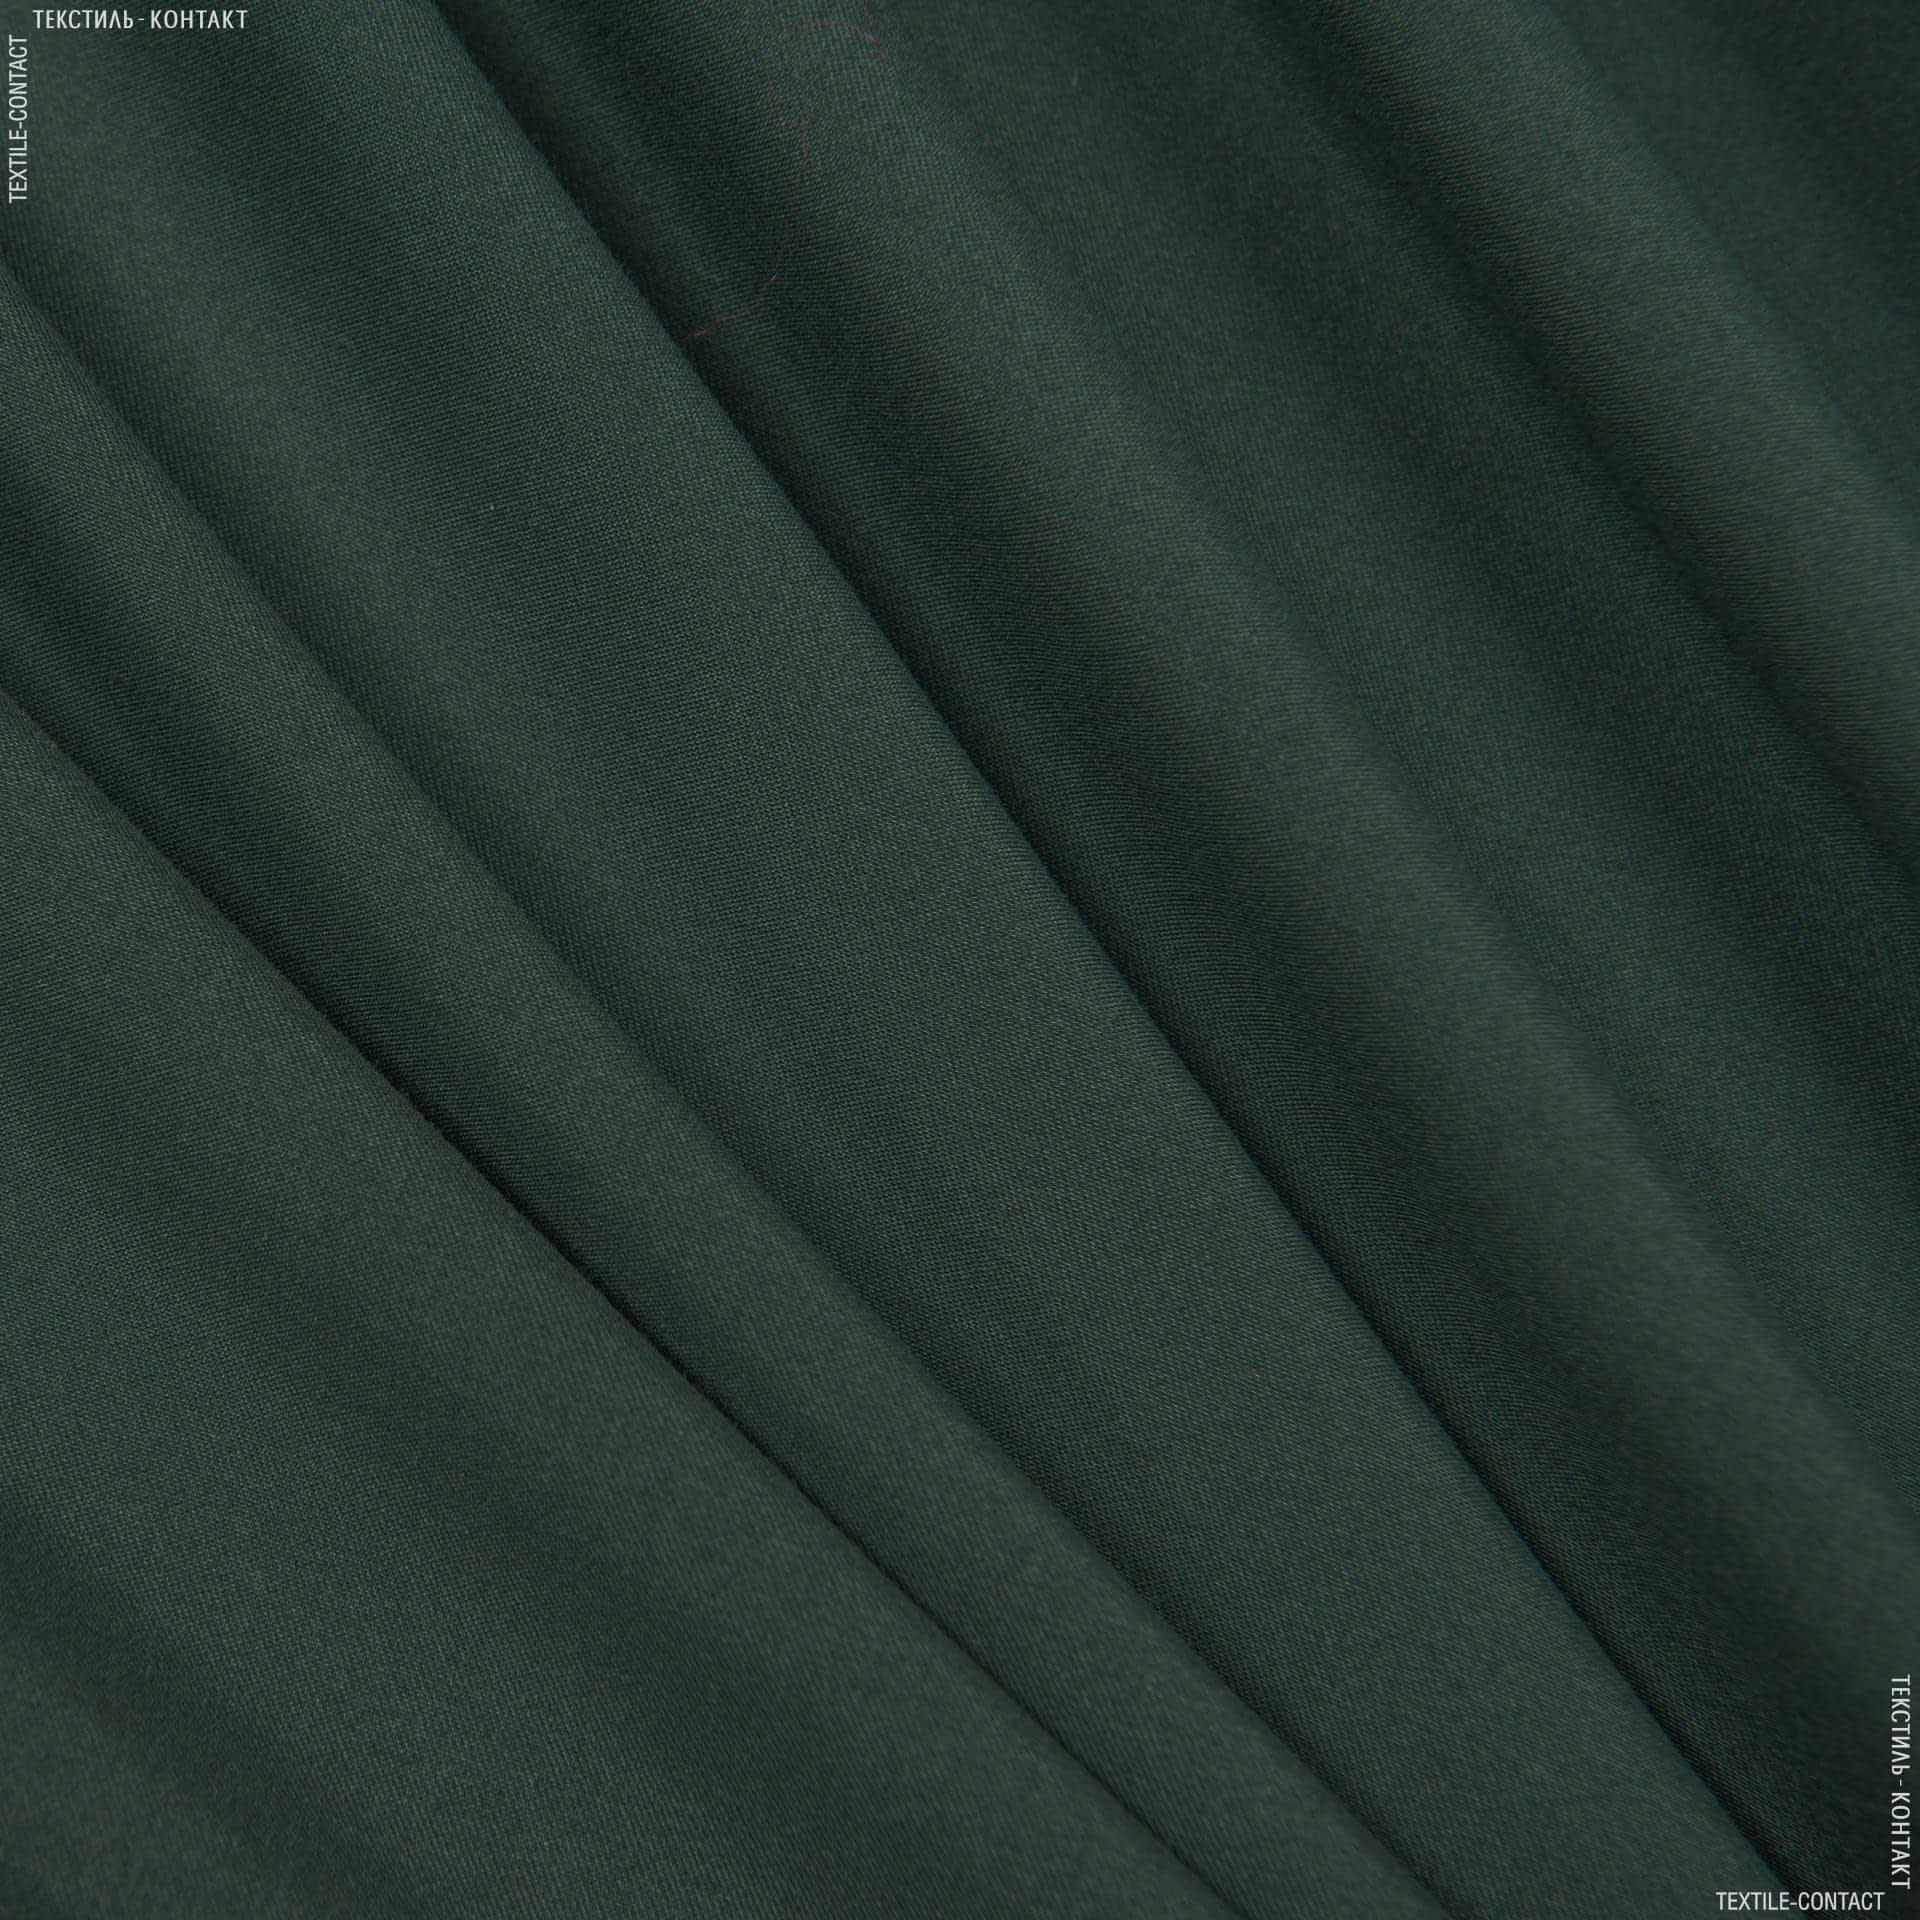 Тканини для спортивного одягу - Плащова (мікрофайбр) темно-зелений